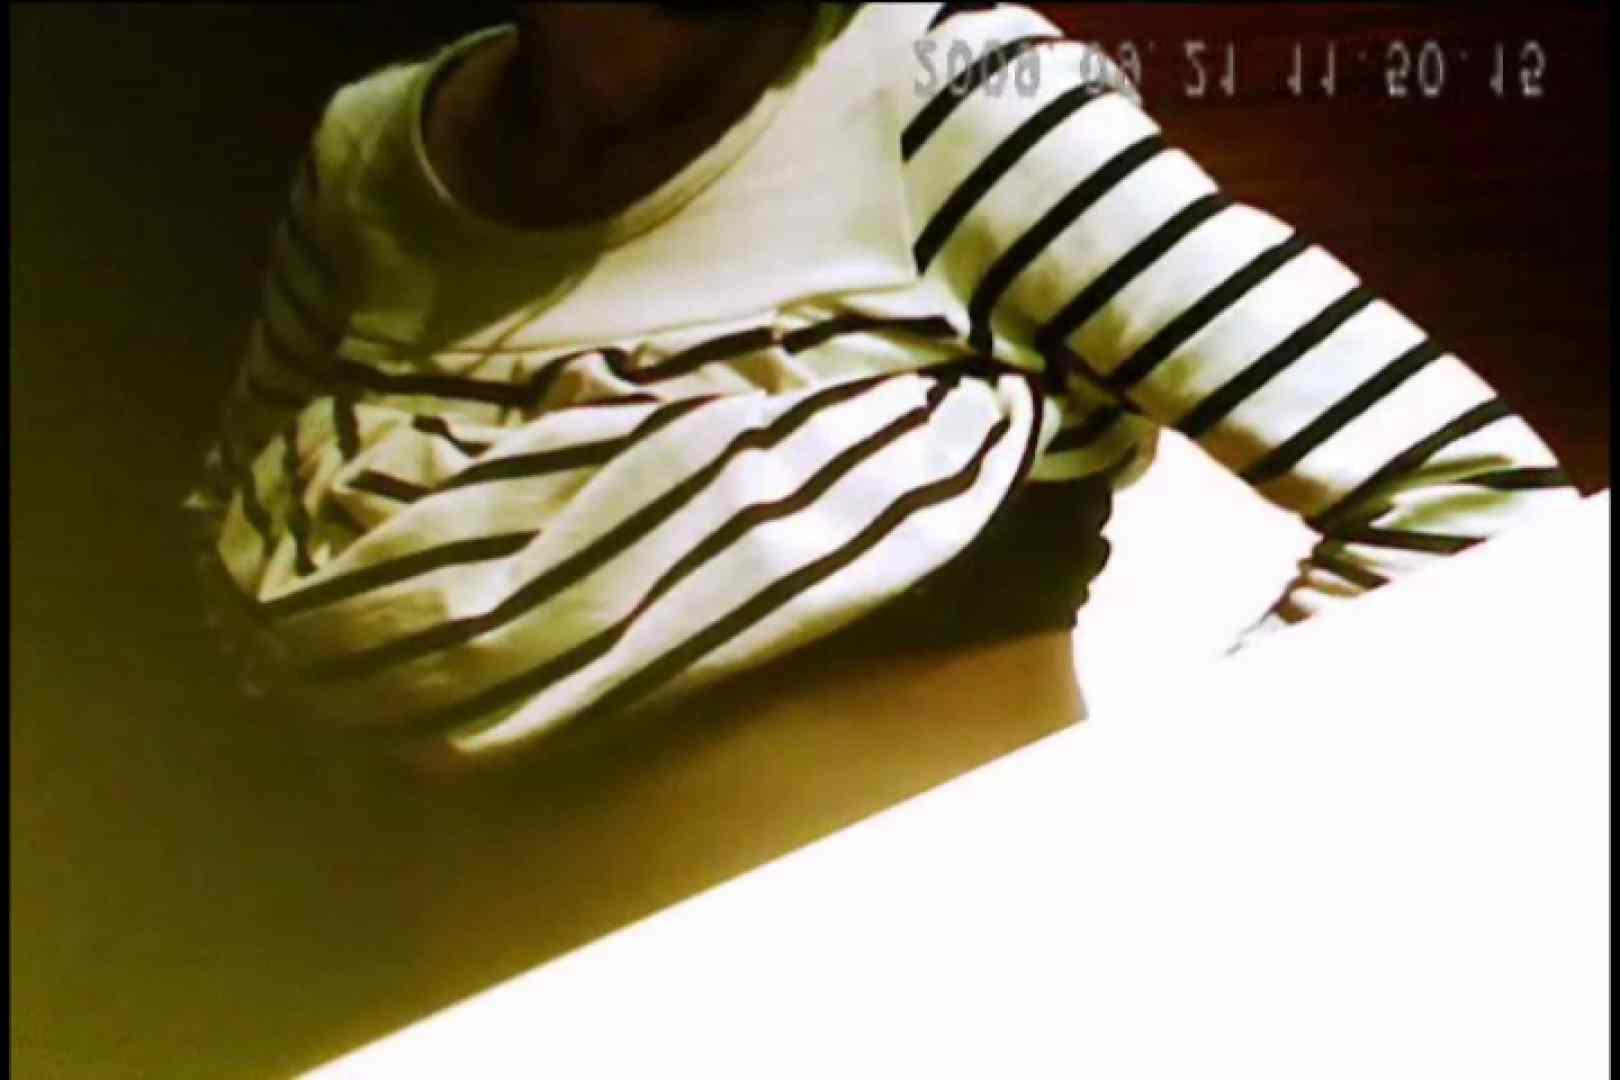 亀さんかわや VIPバージョン! vol.21 黄金水 AV動画キャプチャ 78PIX 74